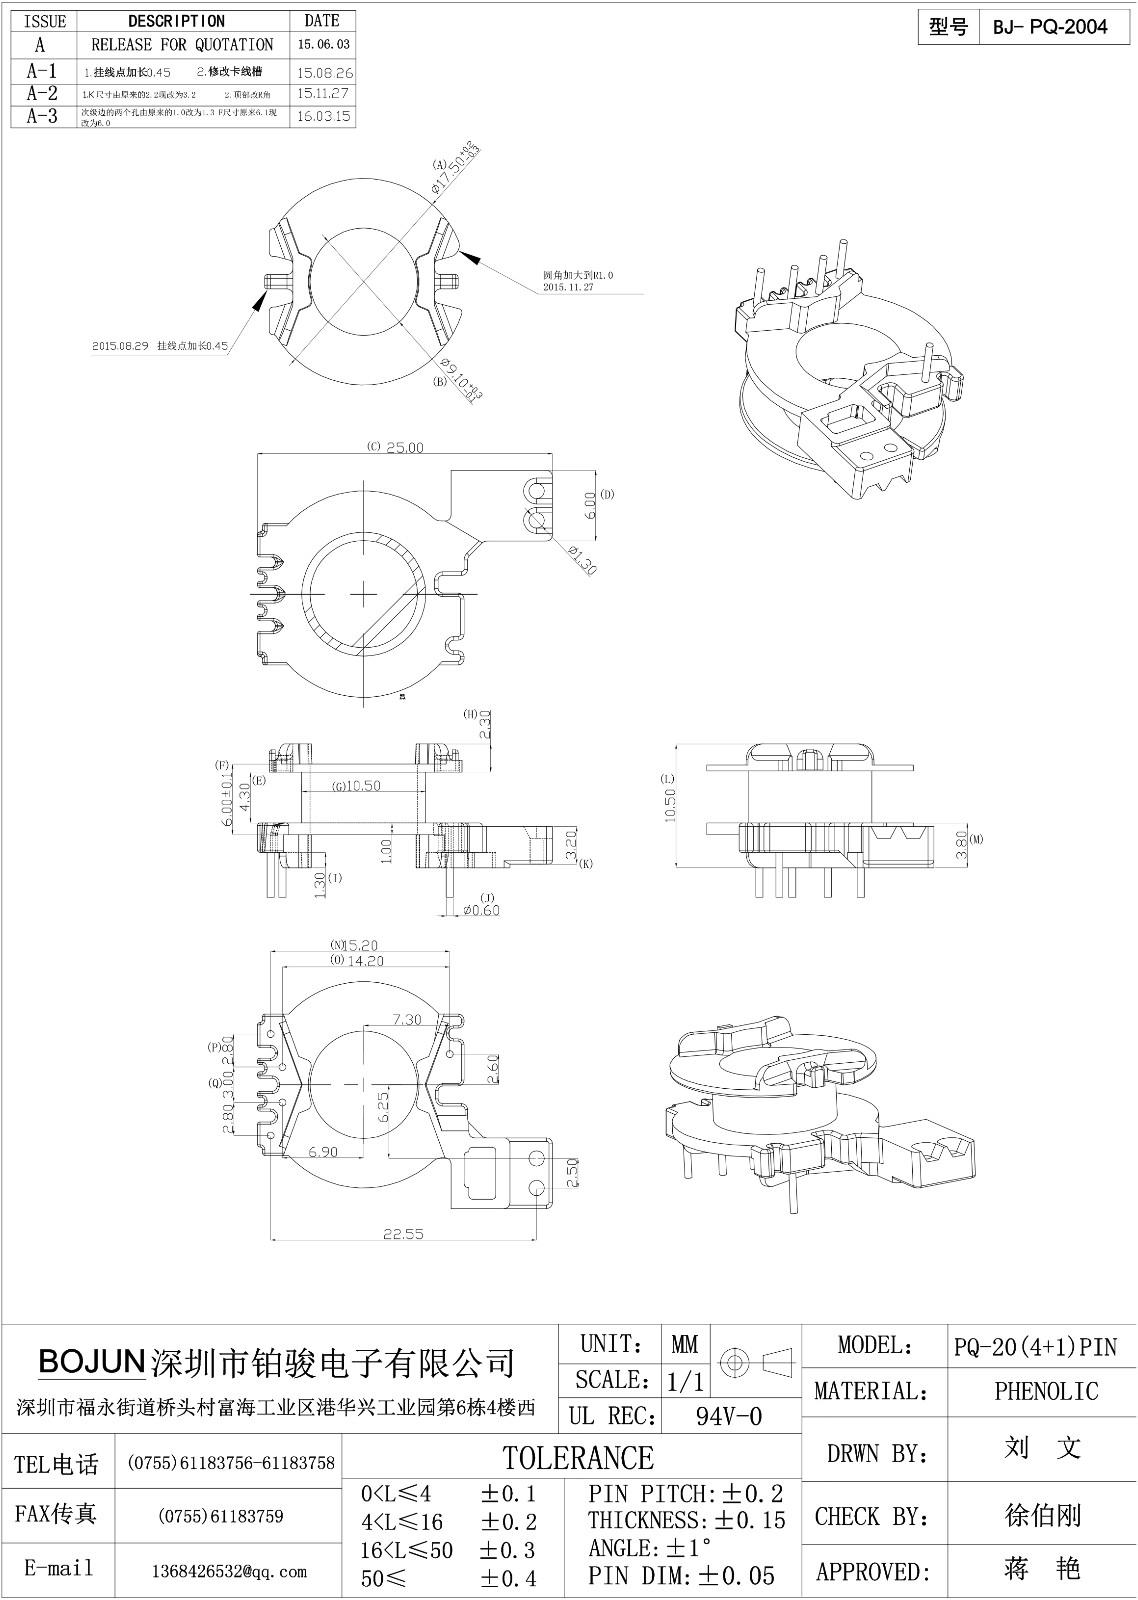 33138.com太阳城集团